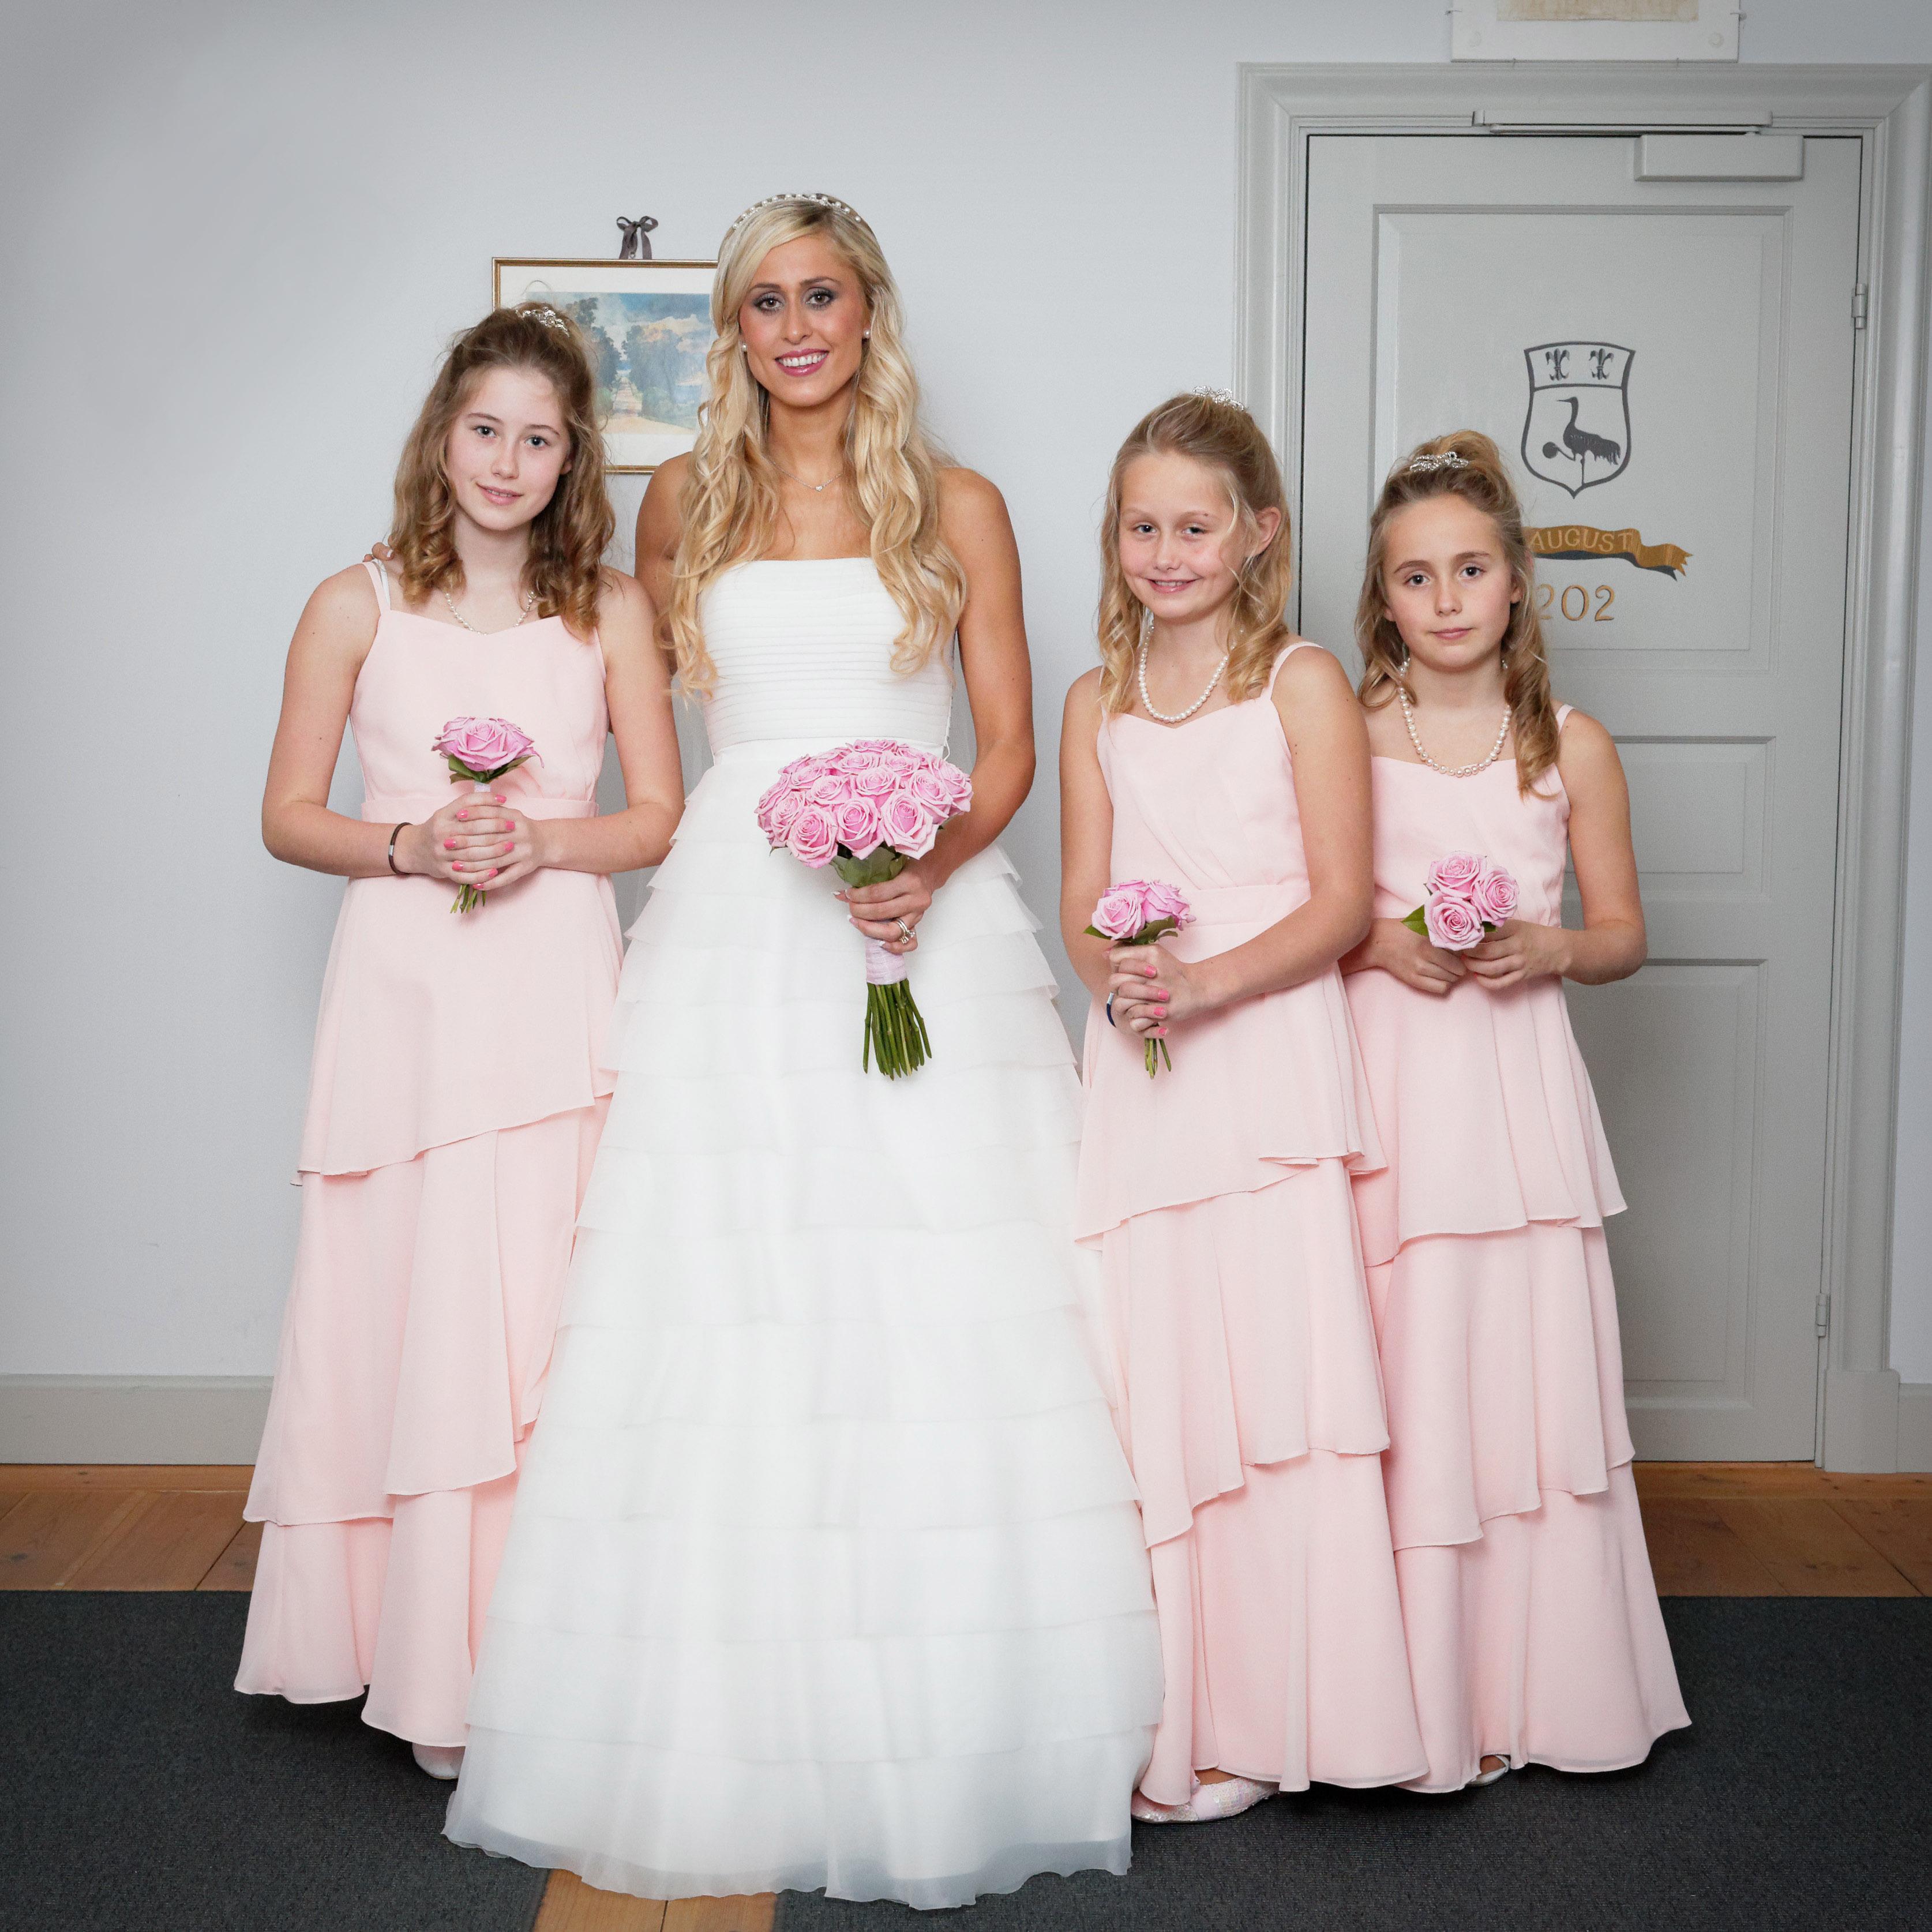 Bröllop - gruppfoto 2